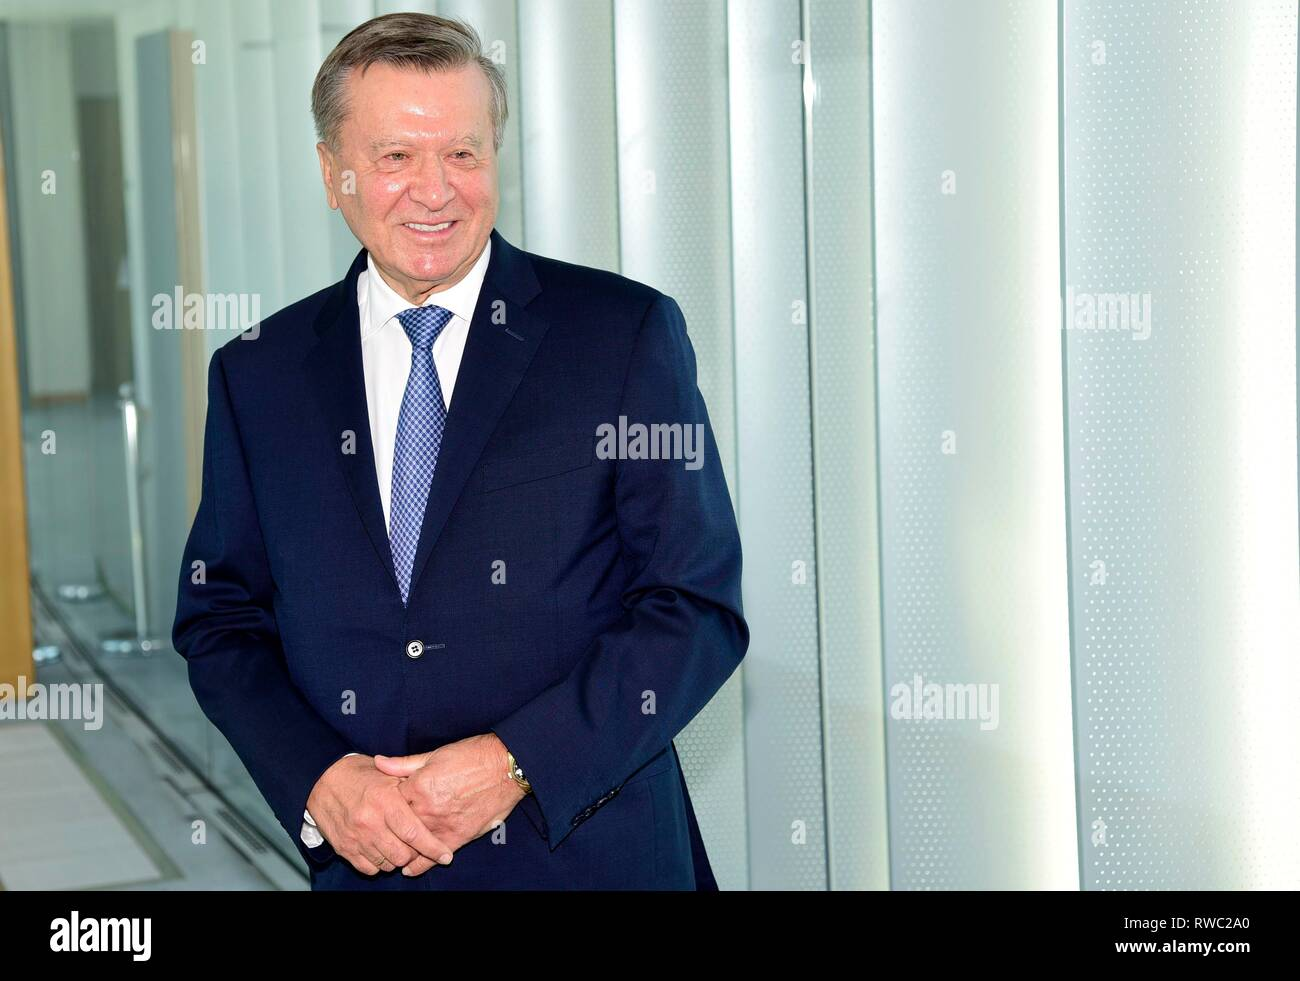 """Mailand, Italien. 05 Mär, 2019. Mailand, Viktor Subkow Alekseevic. Präsident von """"Gazprom"""", den wichtigsten russischen Ölgesellschaft Credit: Unabhängige Fotoagentur/Alamy leben Nachrichten Stockfoto"""